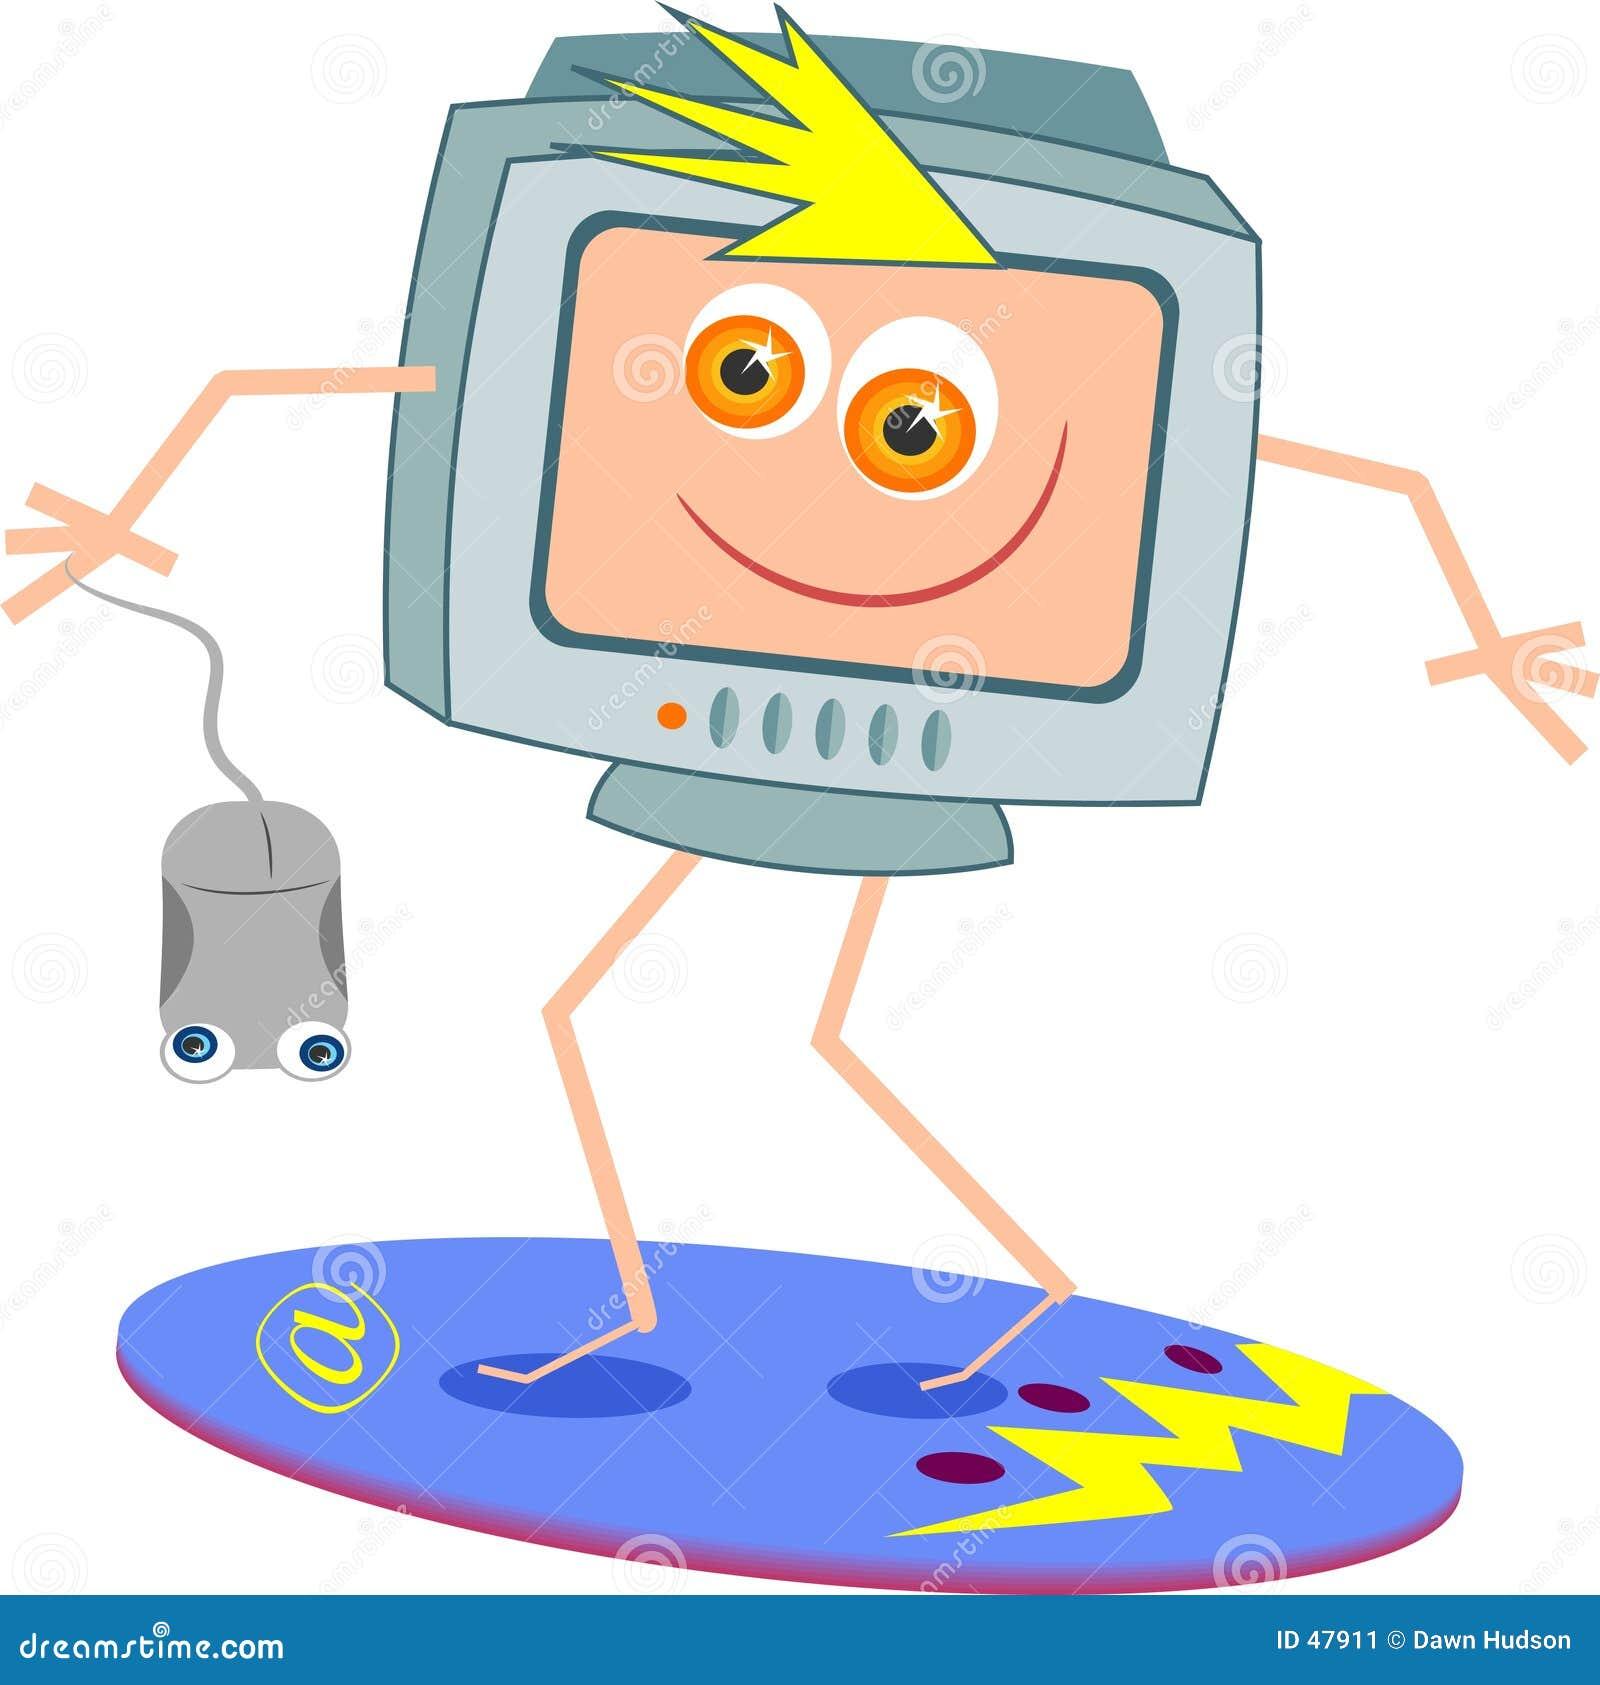 Surfen des Internets